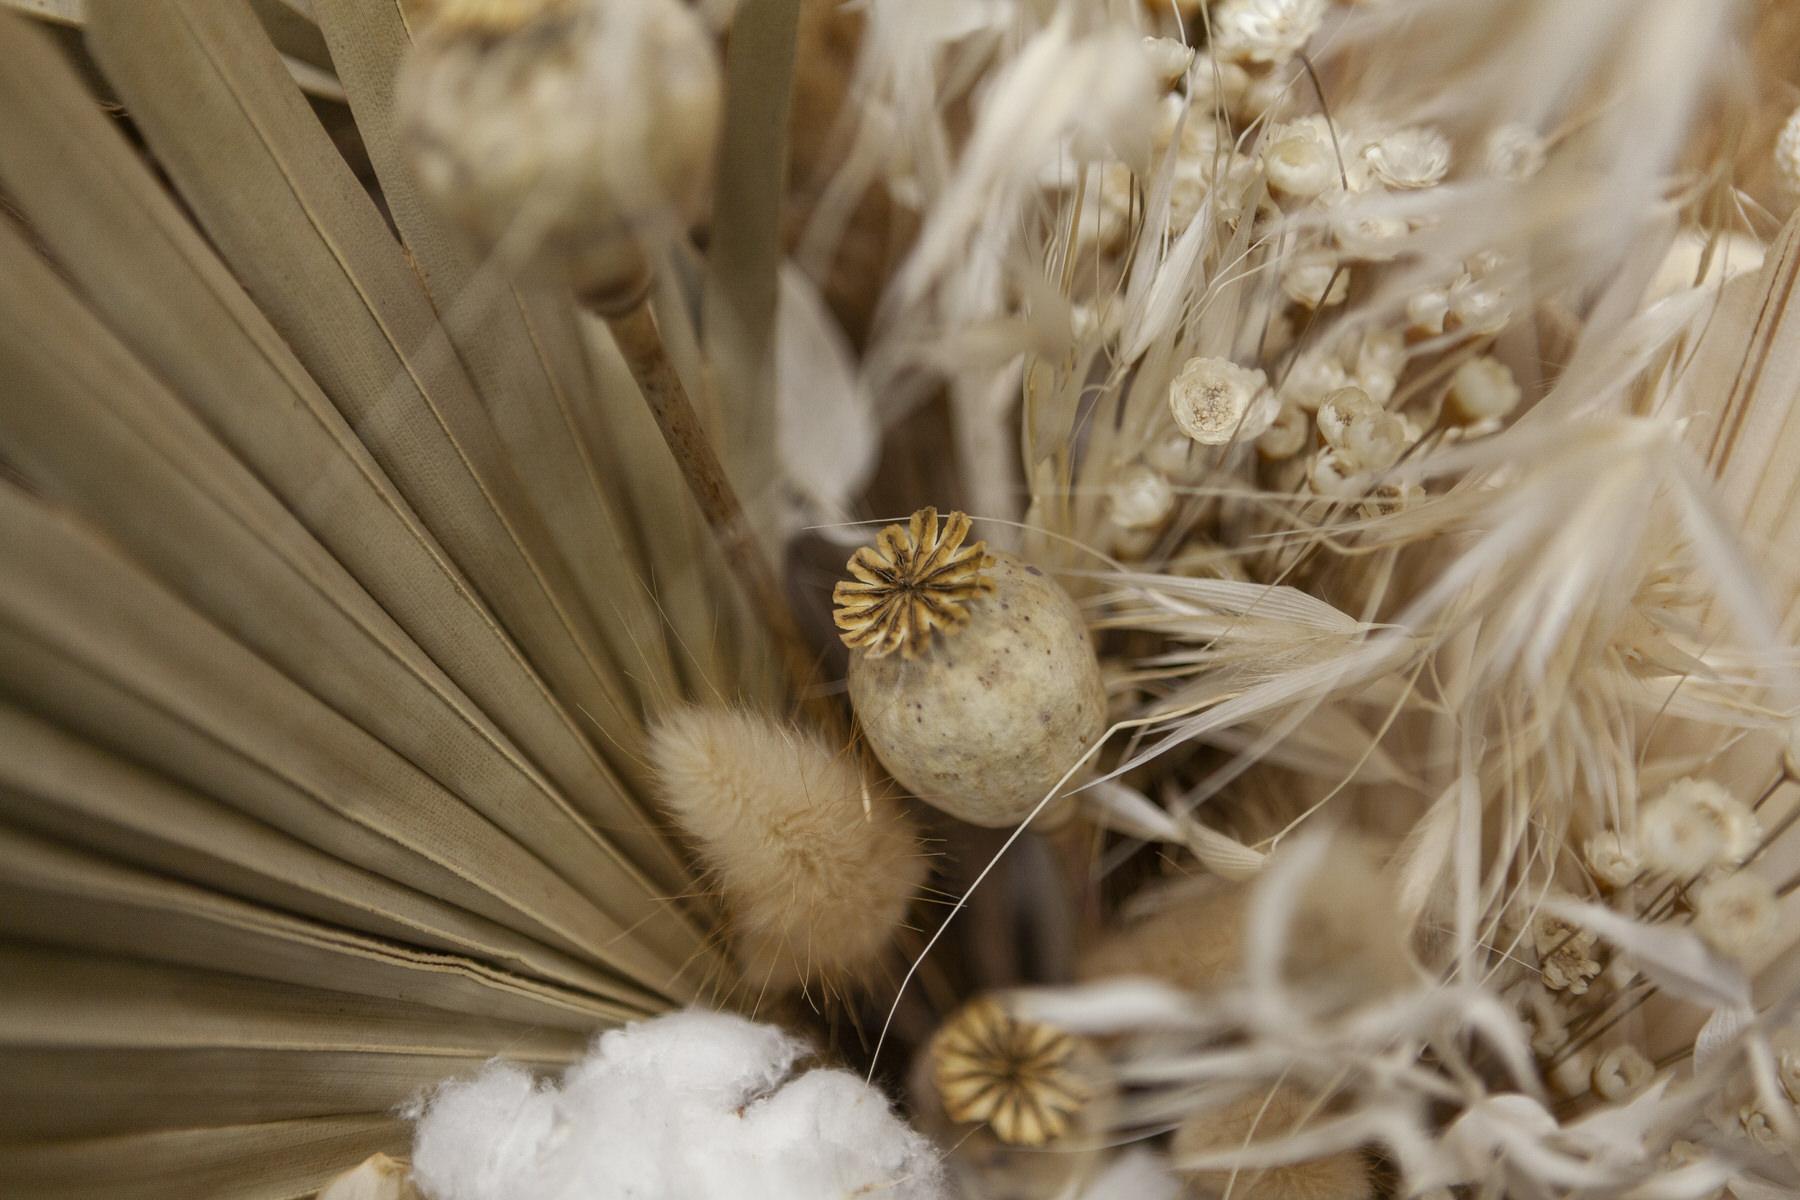 Dried flower installation